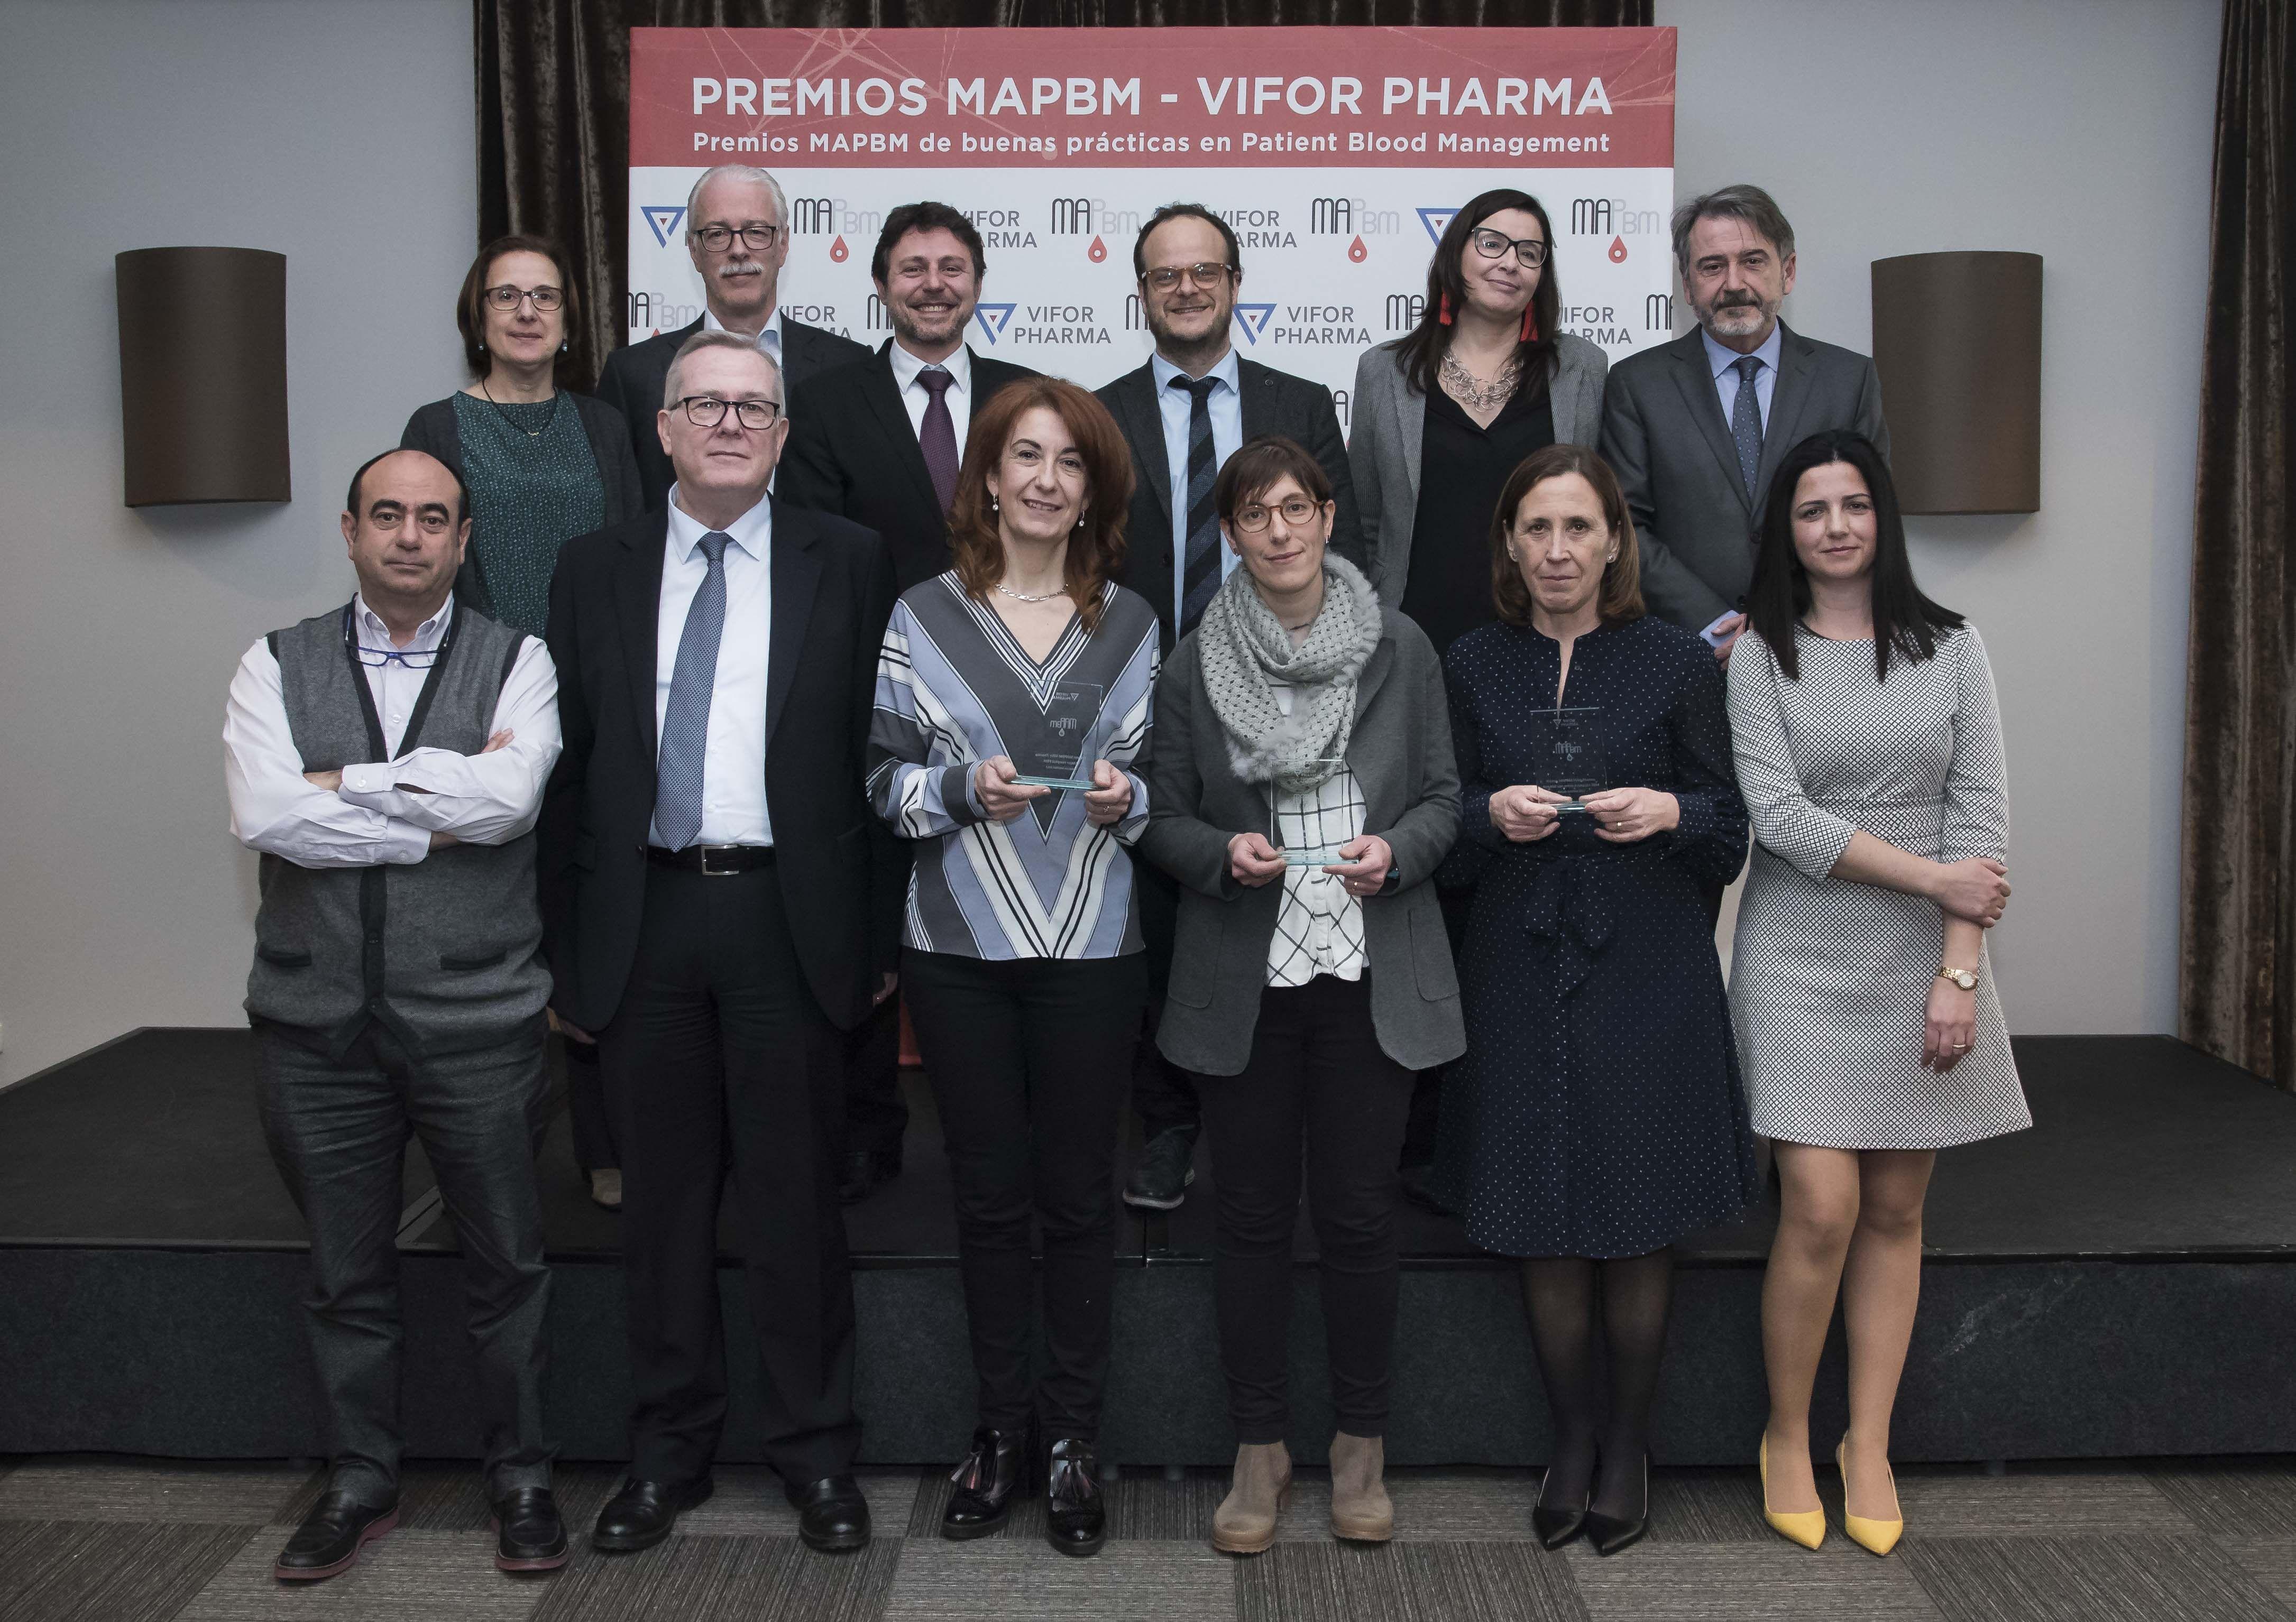 alt - https://static.comunicae.com/photos/notas/1194277/1521649621_Foto._Galardonados_Premios_MAPBM_Vifor_y_miembros_del_jurado.JPG